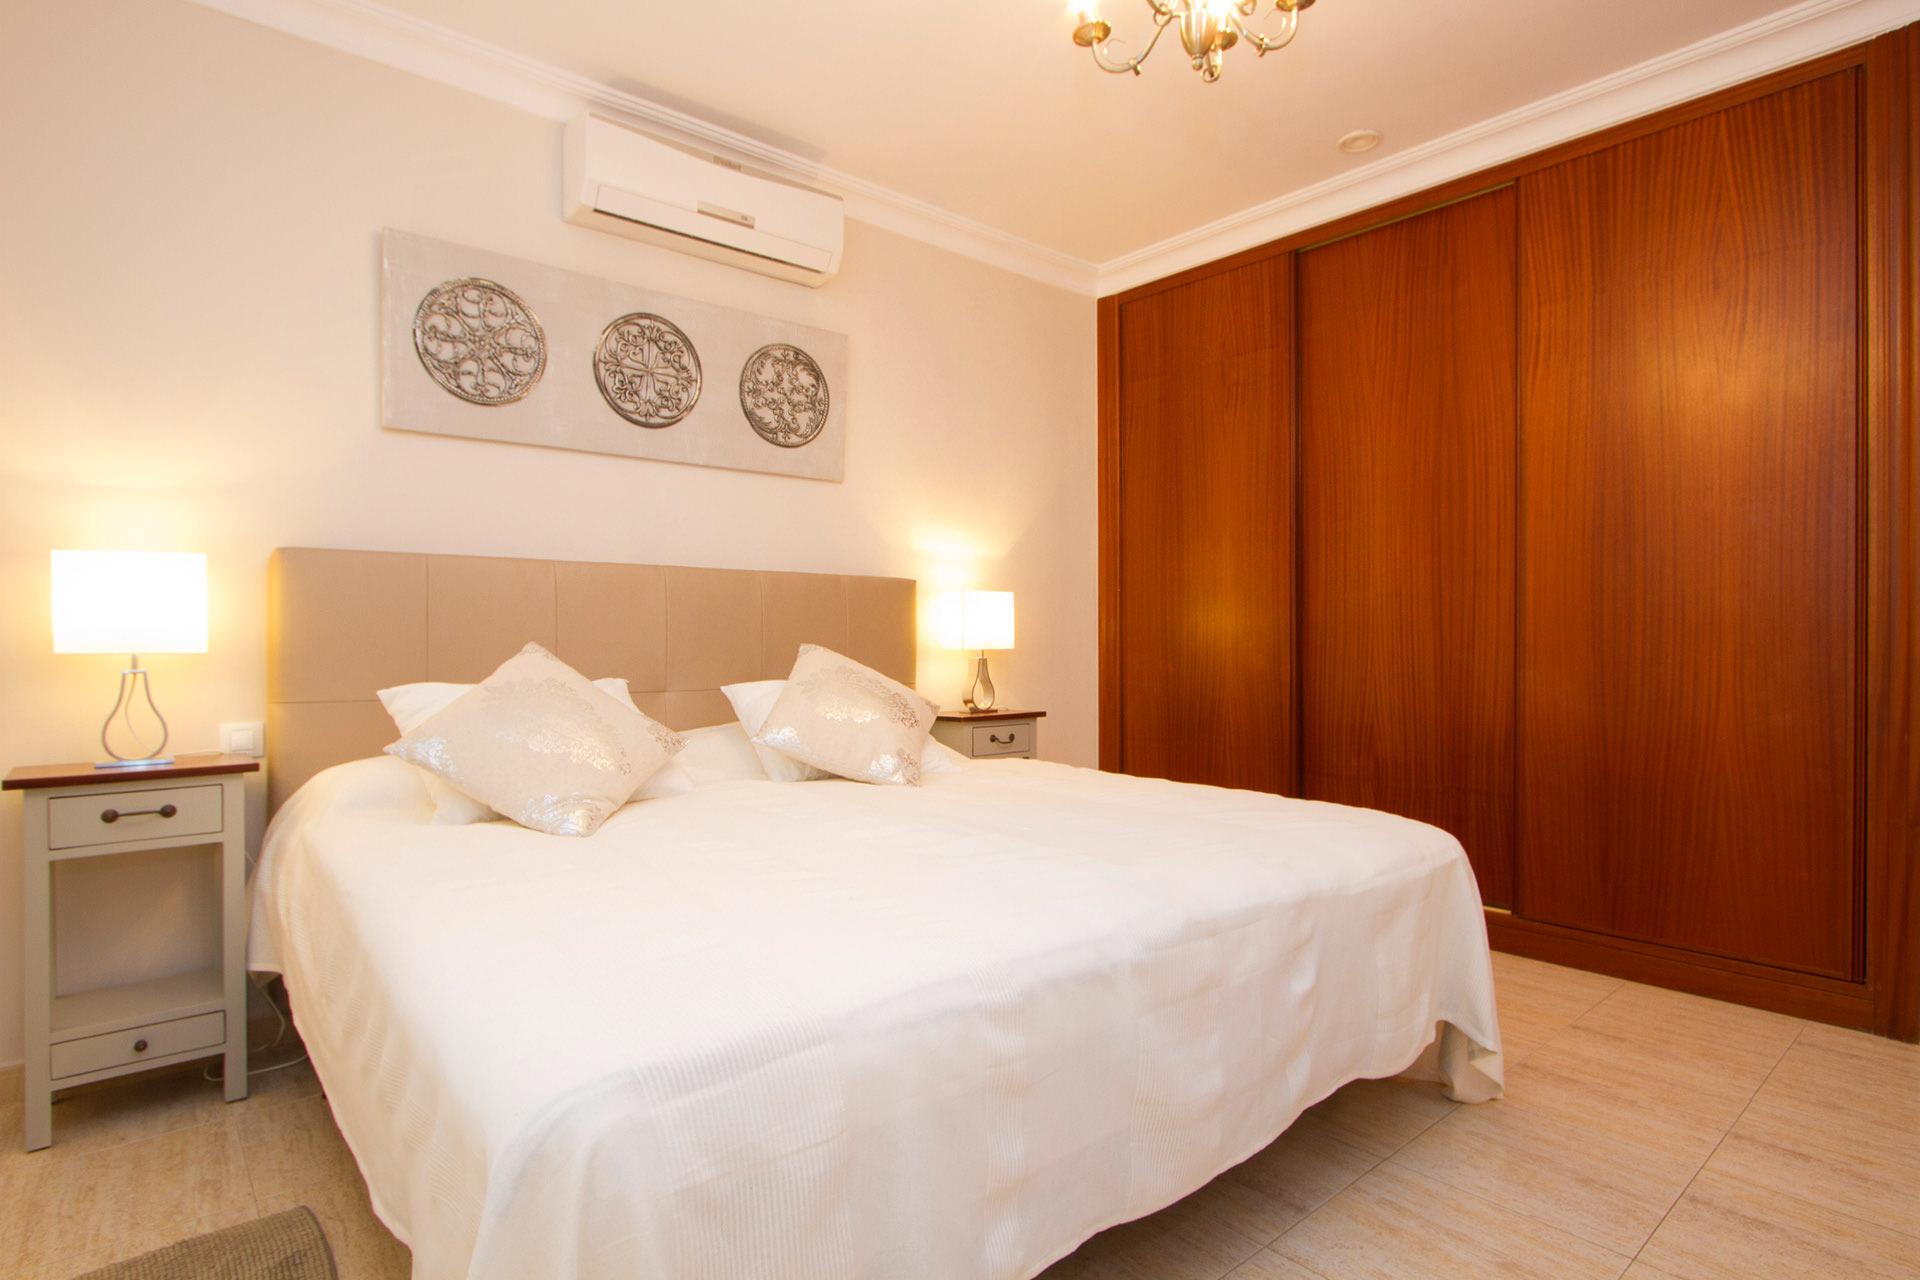 Ferienhaus Lanzarote Schlafzimmer 4